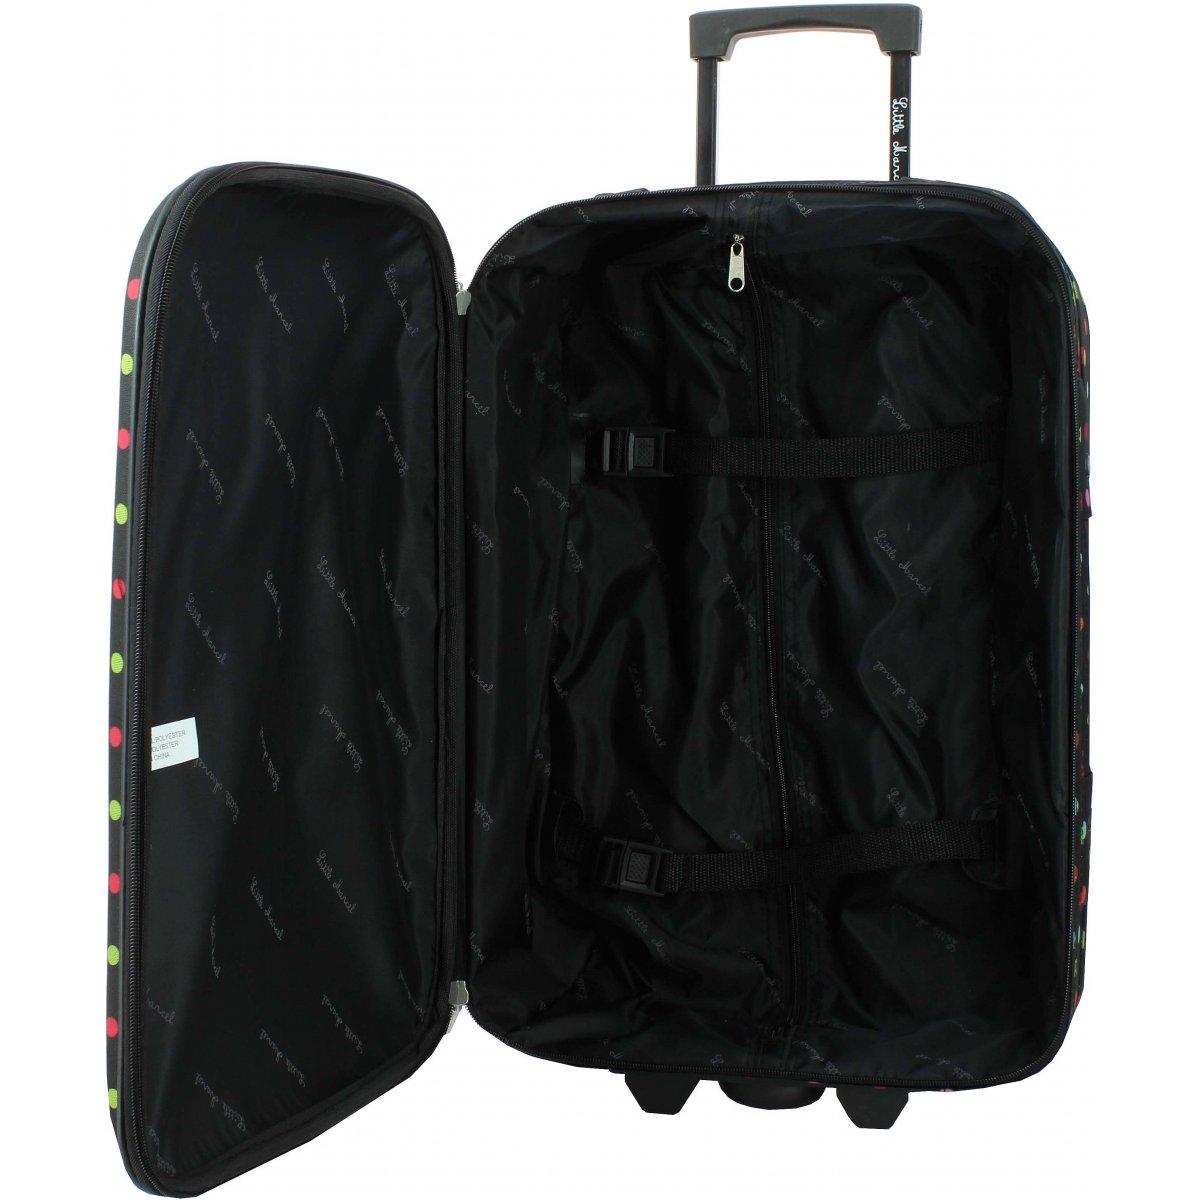 valise cabine ryanair et reporter little marcel marjo229. Black Bedroom Furniture Sets. Home Design Ideas